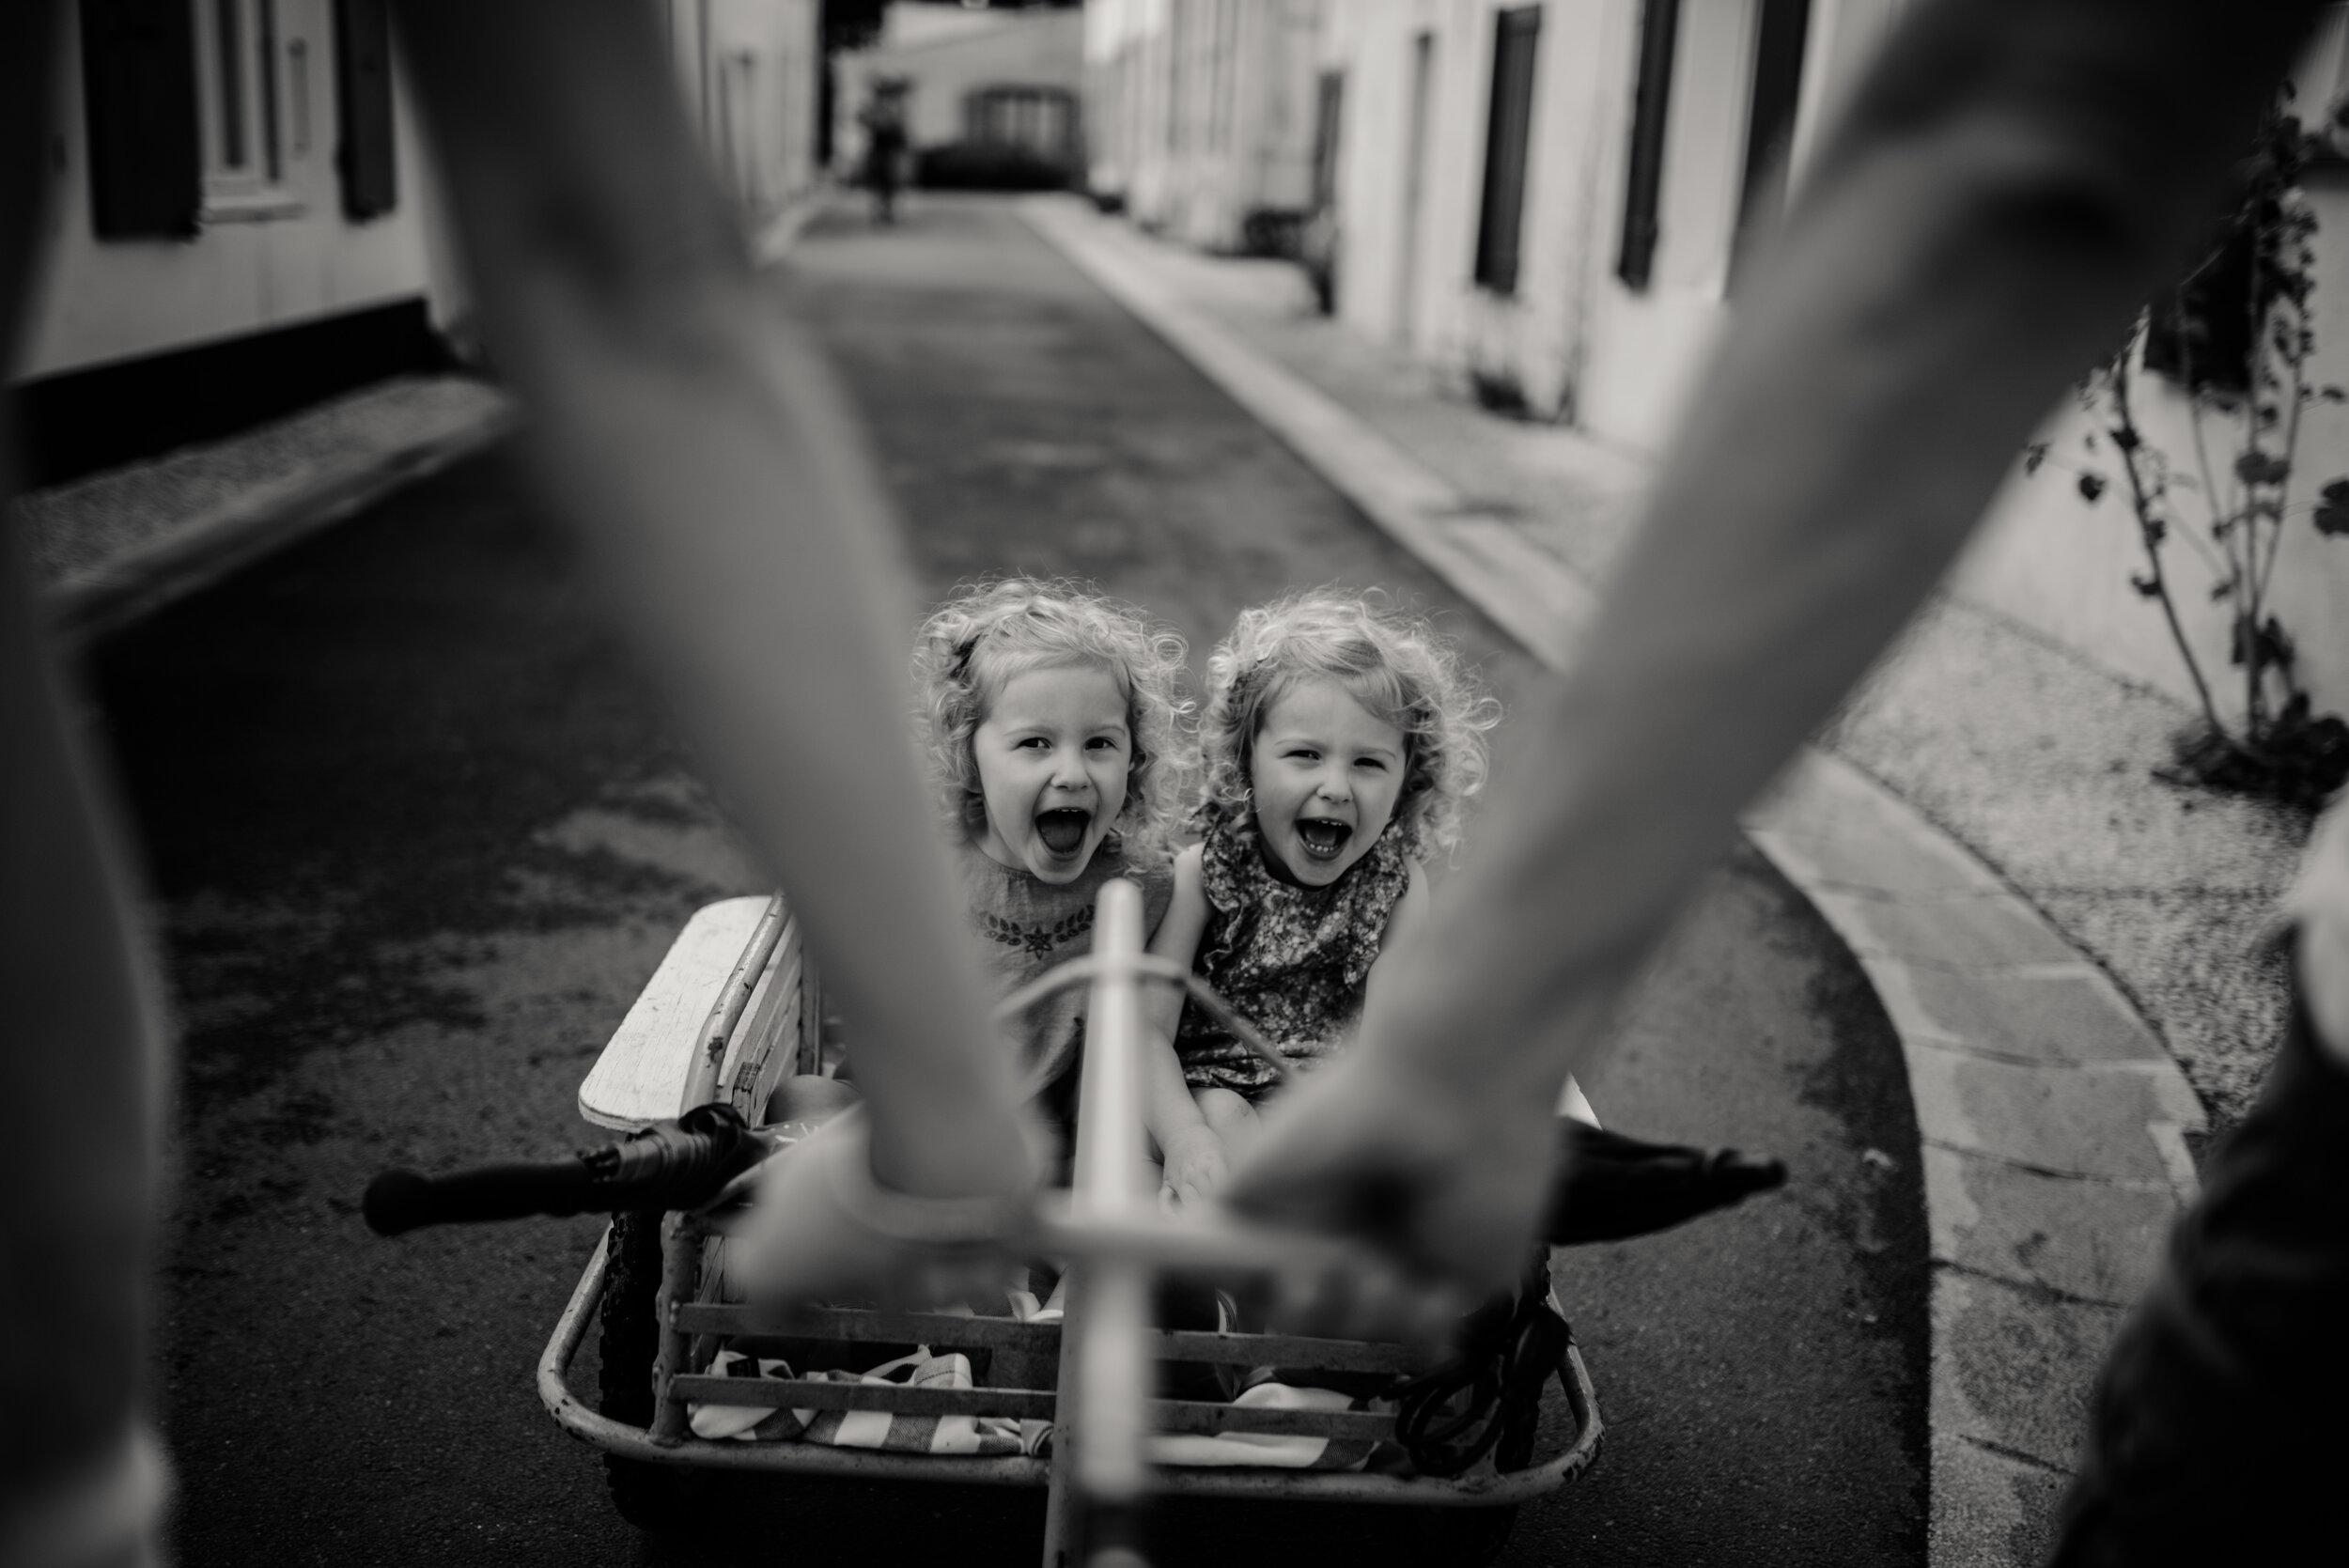 Léa-Fery-photographe-professionnel-lyon-rhone-alpes-portrait-creation-mariage-evenement-evenementiel-famille-2499.jpg